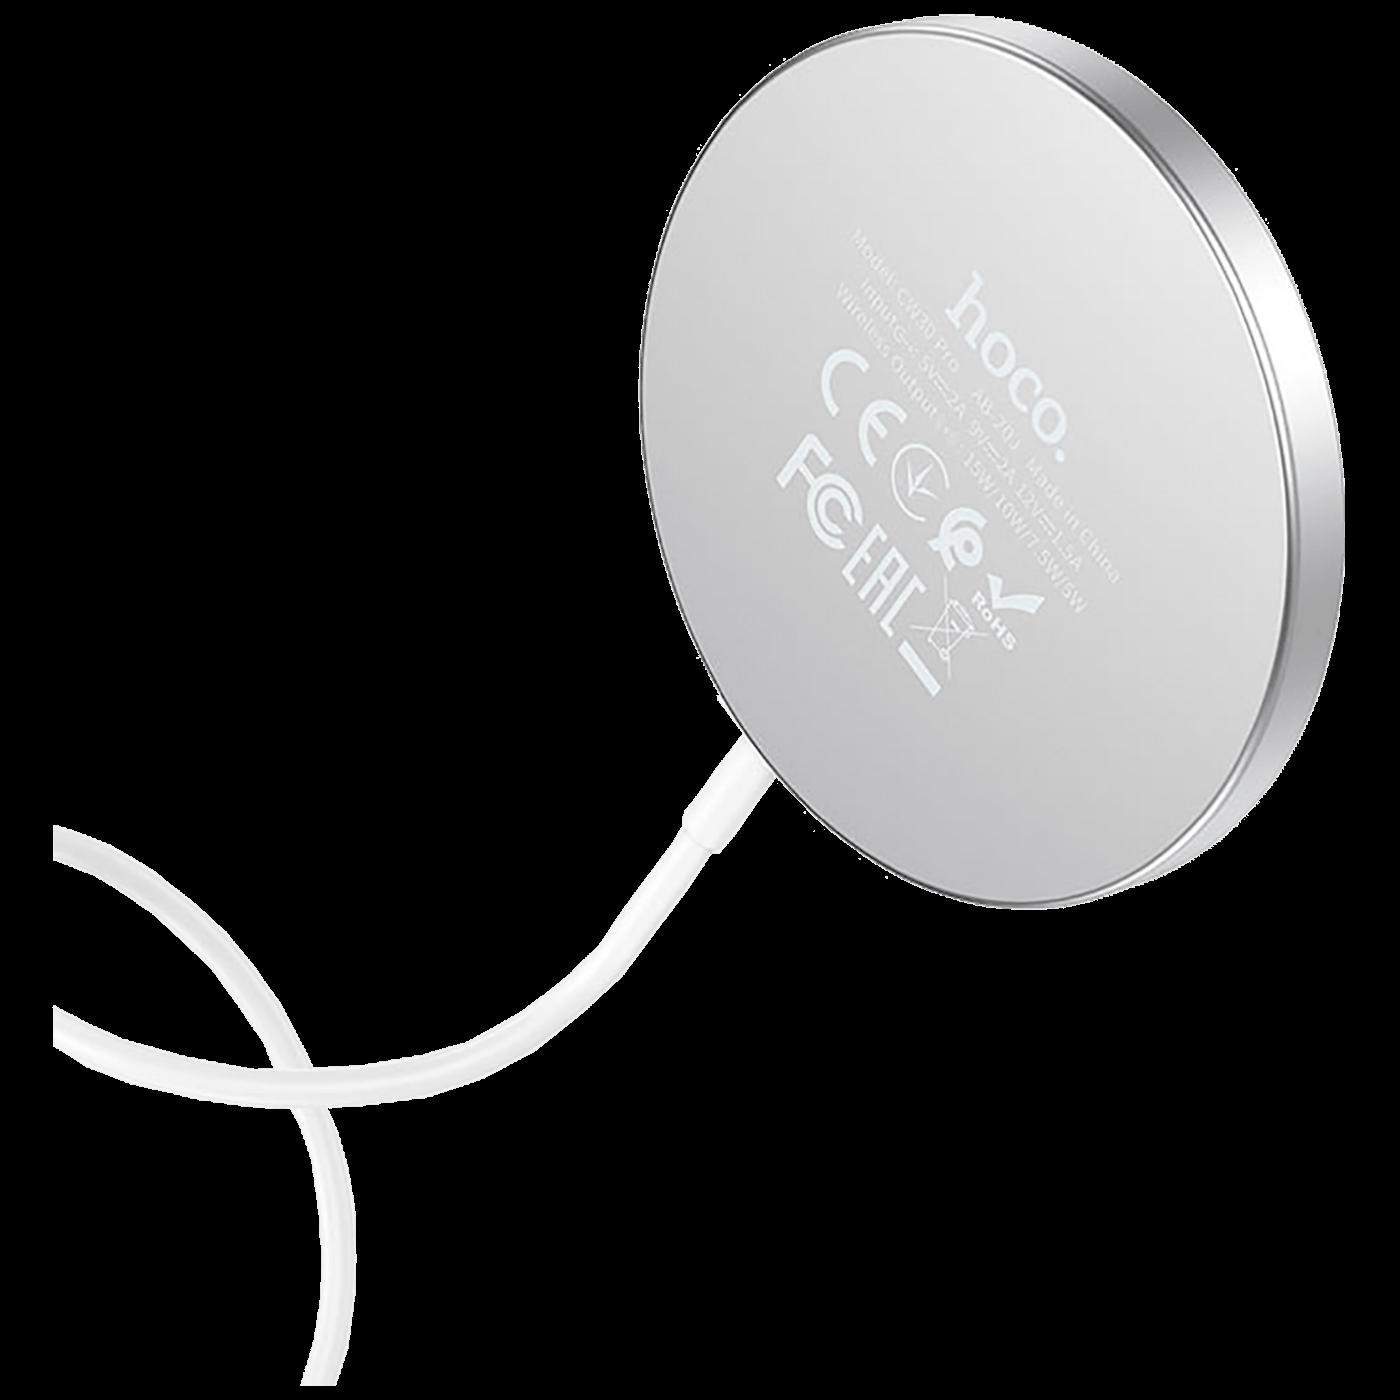 Punjač bežični, univerzalni, smartphone, TWS slušalice, 15 W